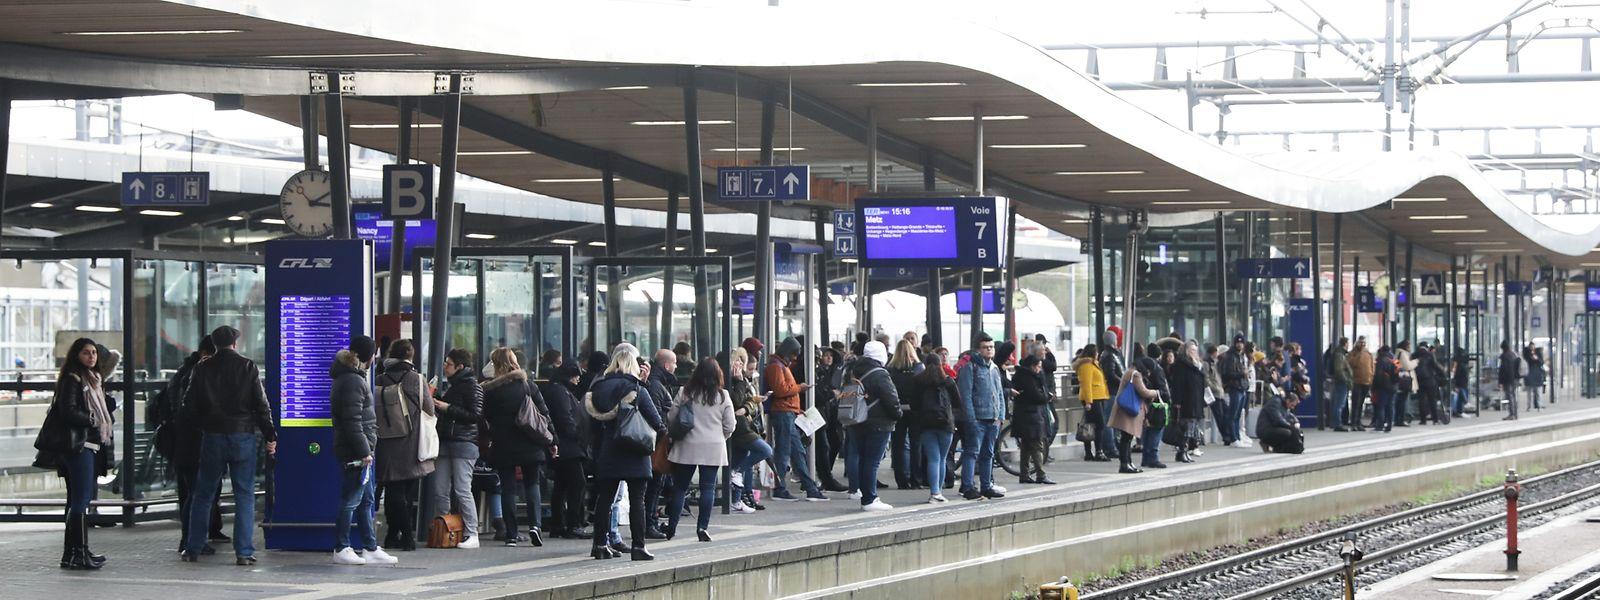 Avec 1,3 milliard d'euros dédiés au rail d'ici 2023, le rail reste le mode de transport privilégié par le gouvernement.